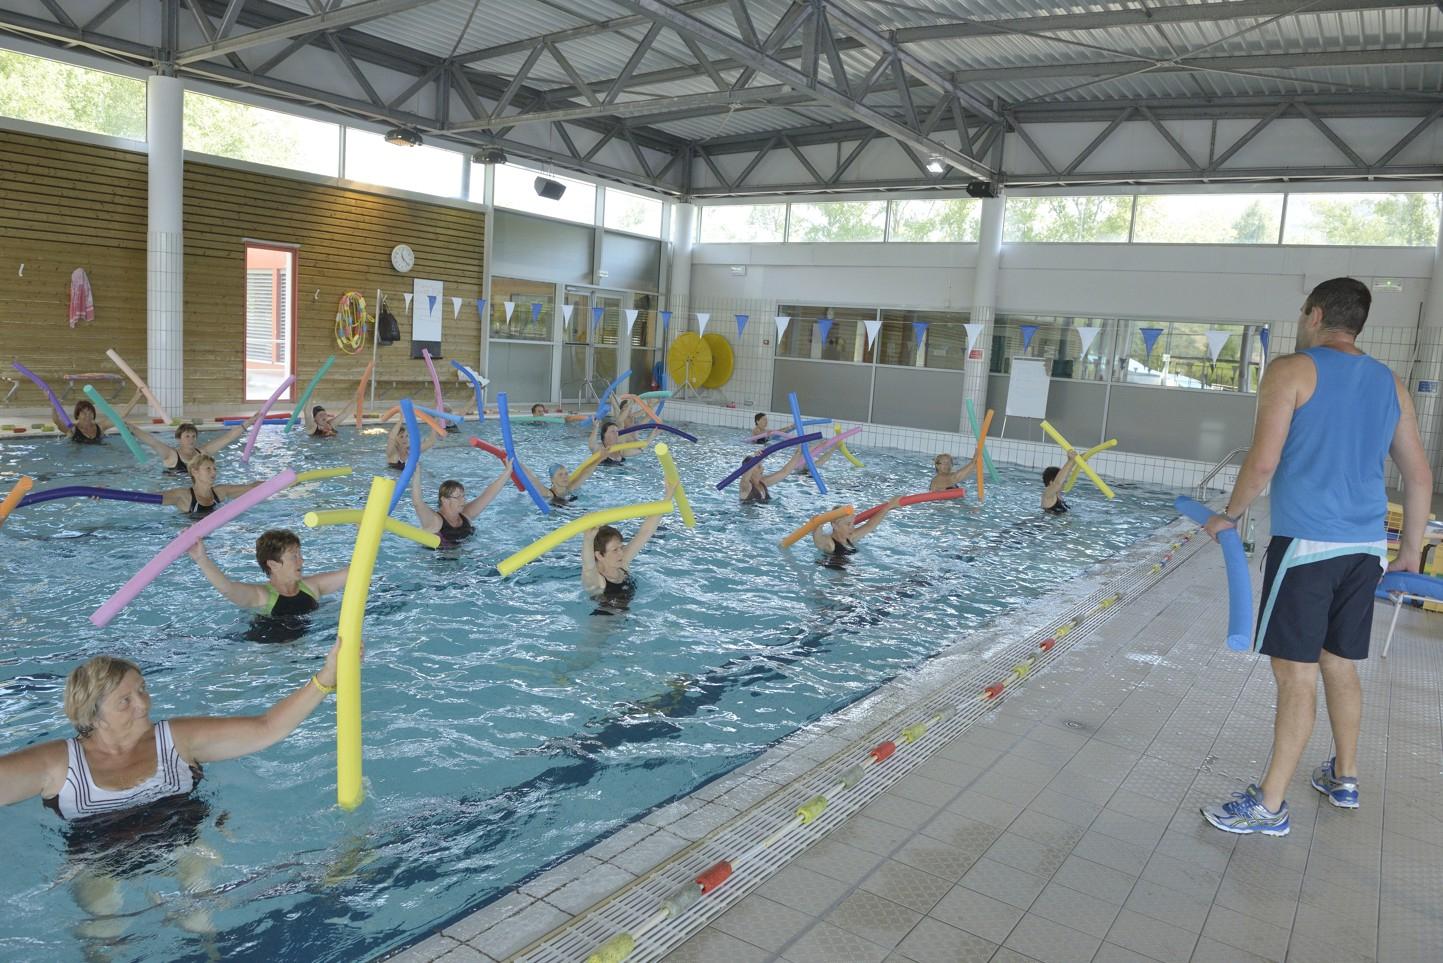 Centre Aquatique Bleu Rive pour Piscine Chateauneuf De Galaure